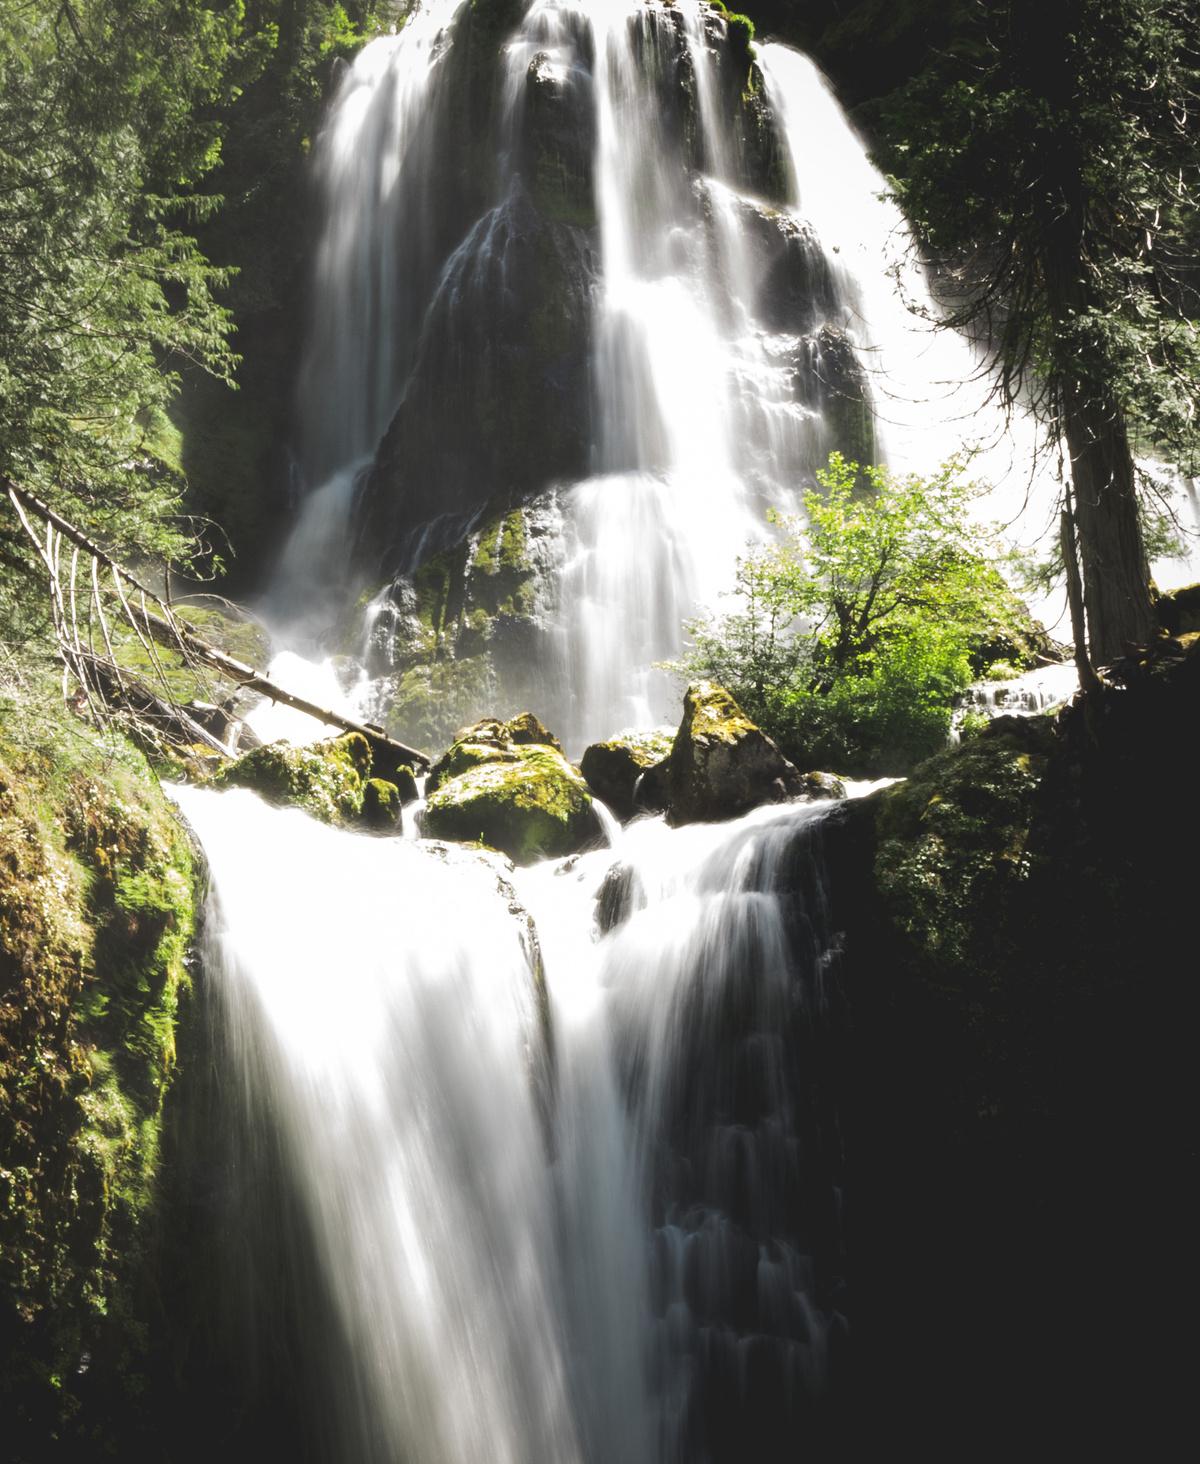 falls creek falls trails